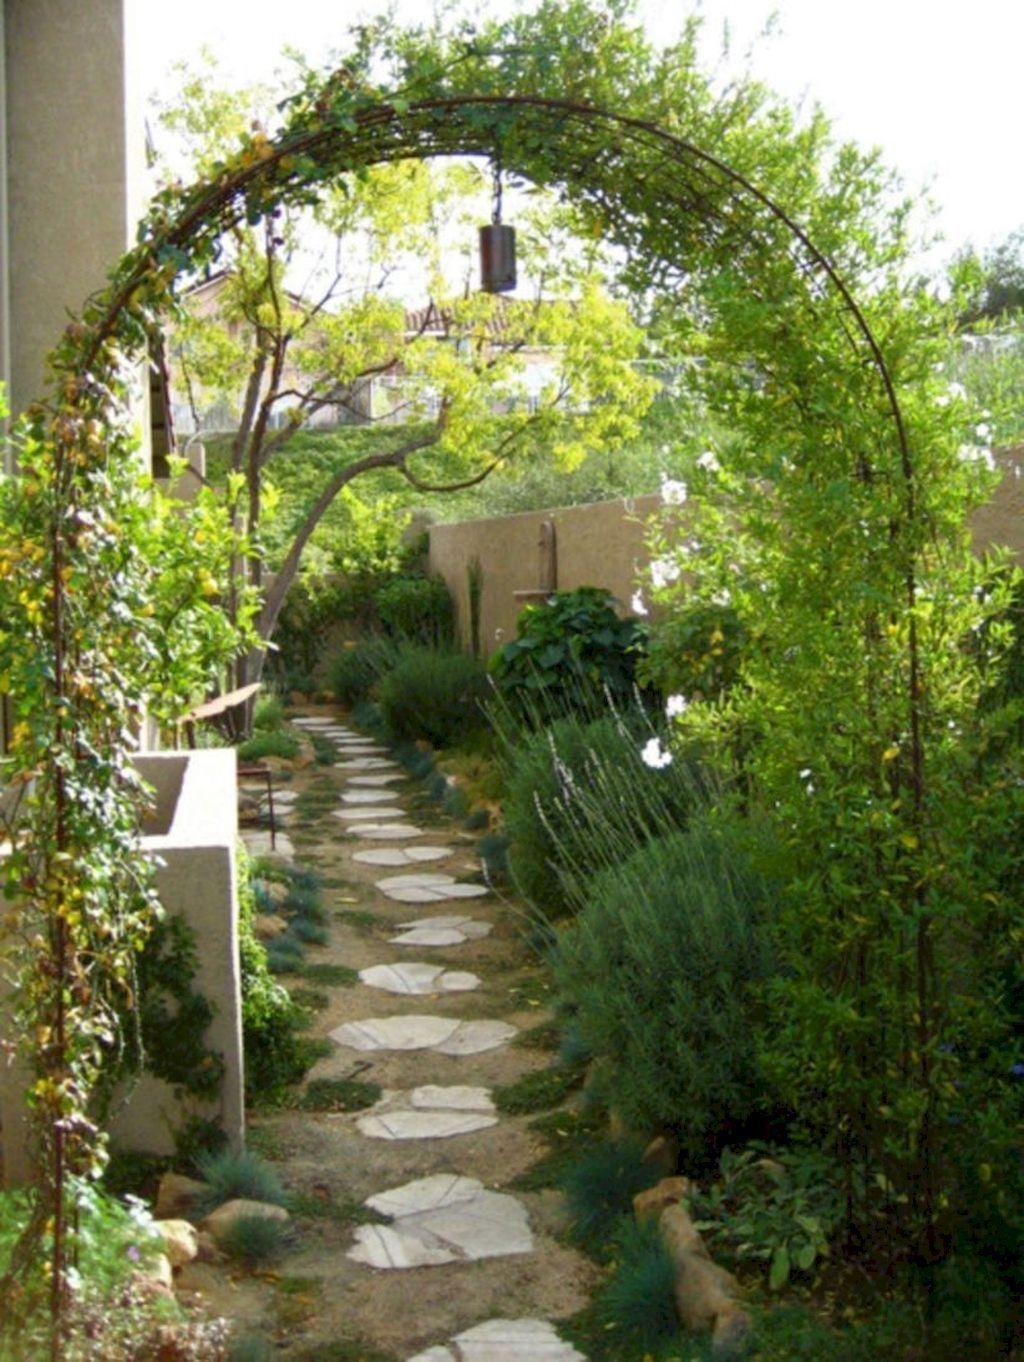 60 Fabulous Garden Path And Walkways Ideas Doitdecor Garden Arch Small Garden Design Garden Archway